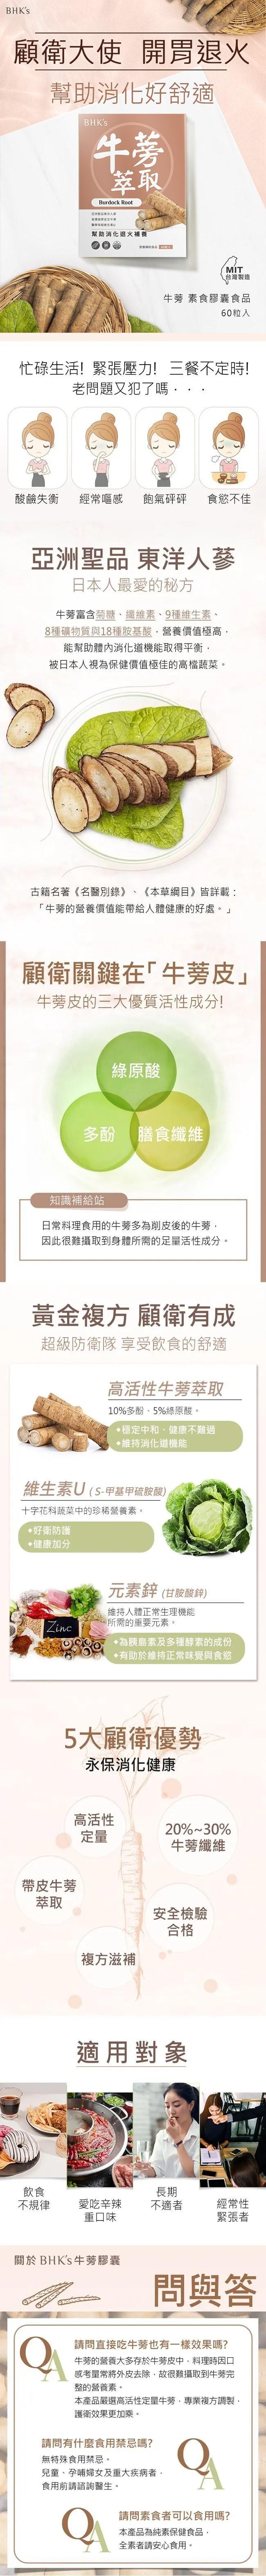 BHKs牛蒡素食膠囊商品說明